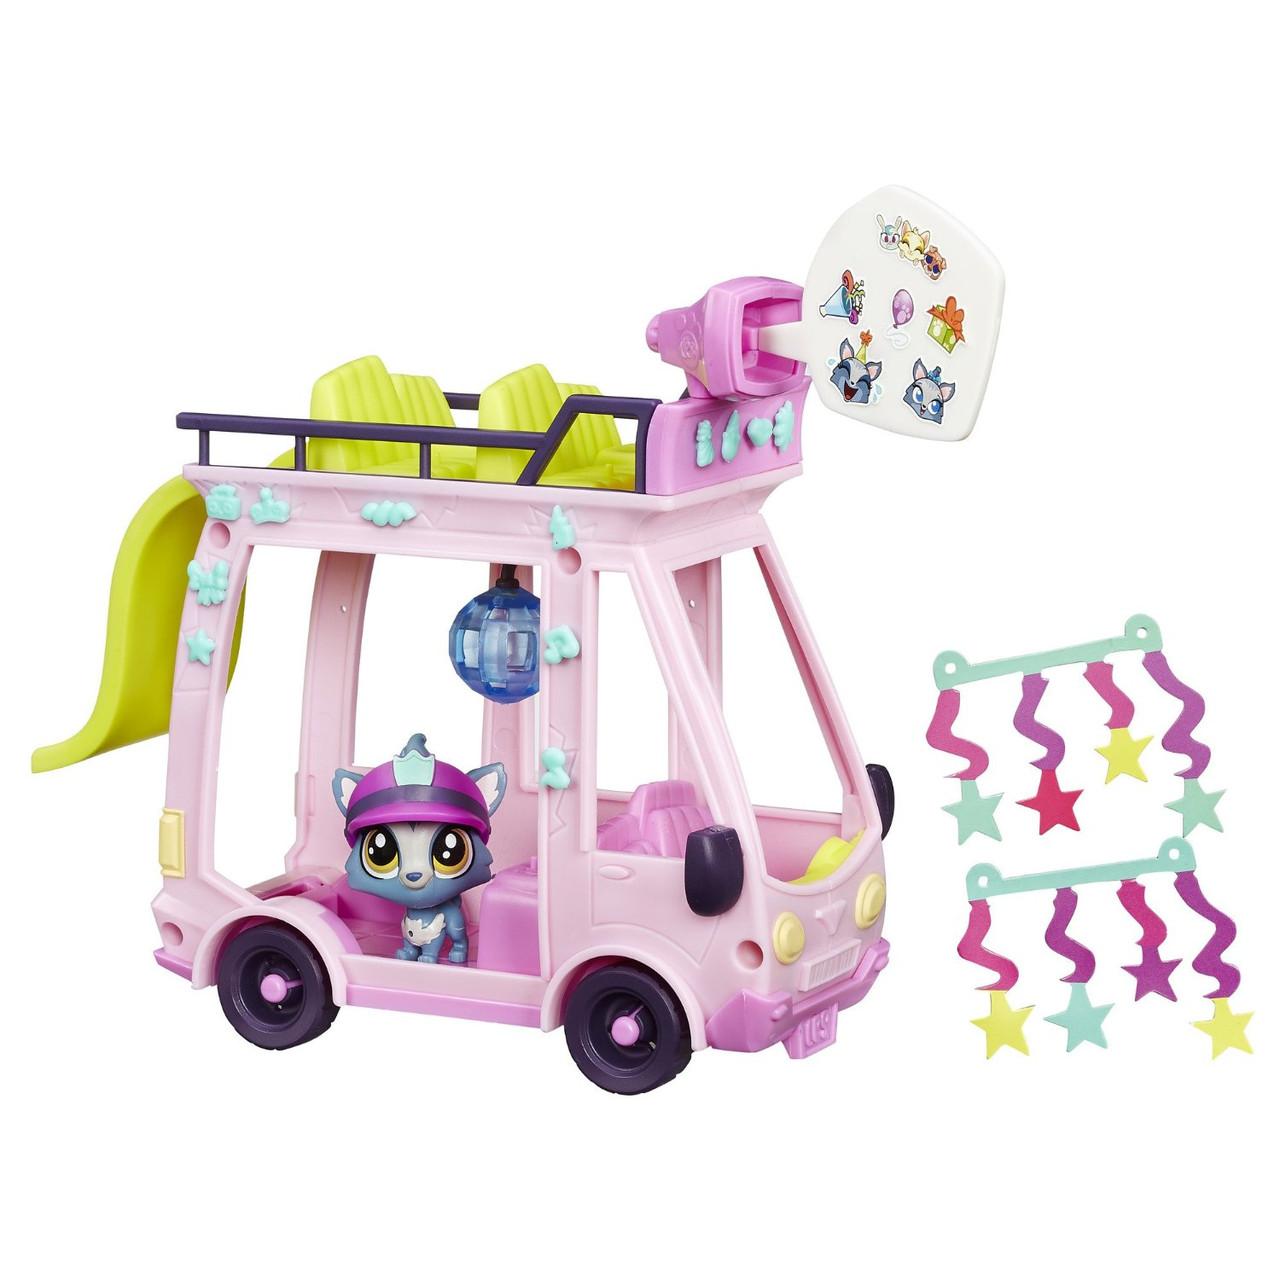 Игровой набор Hasbro Littlest Pet Shop Автобус Shuttle, фото 1